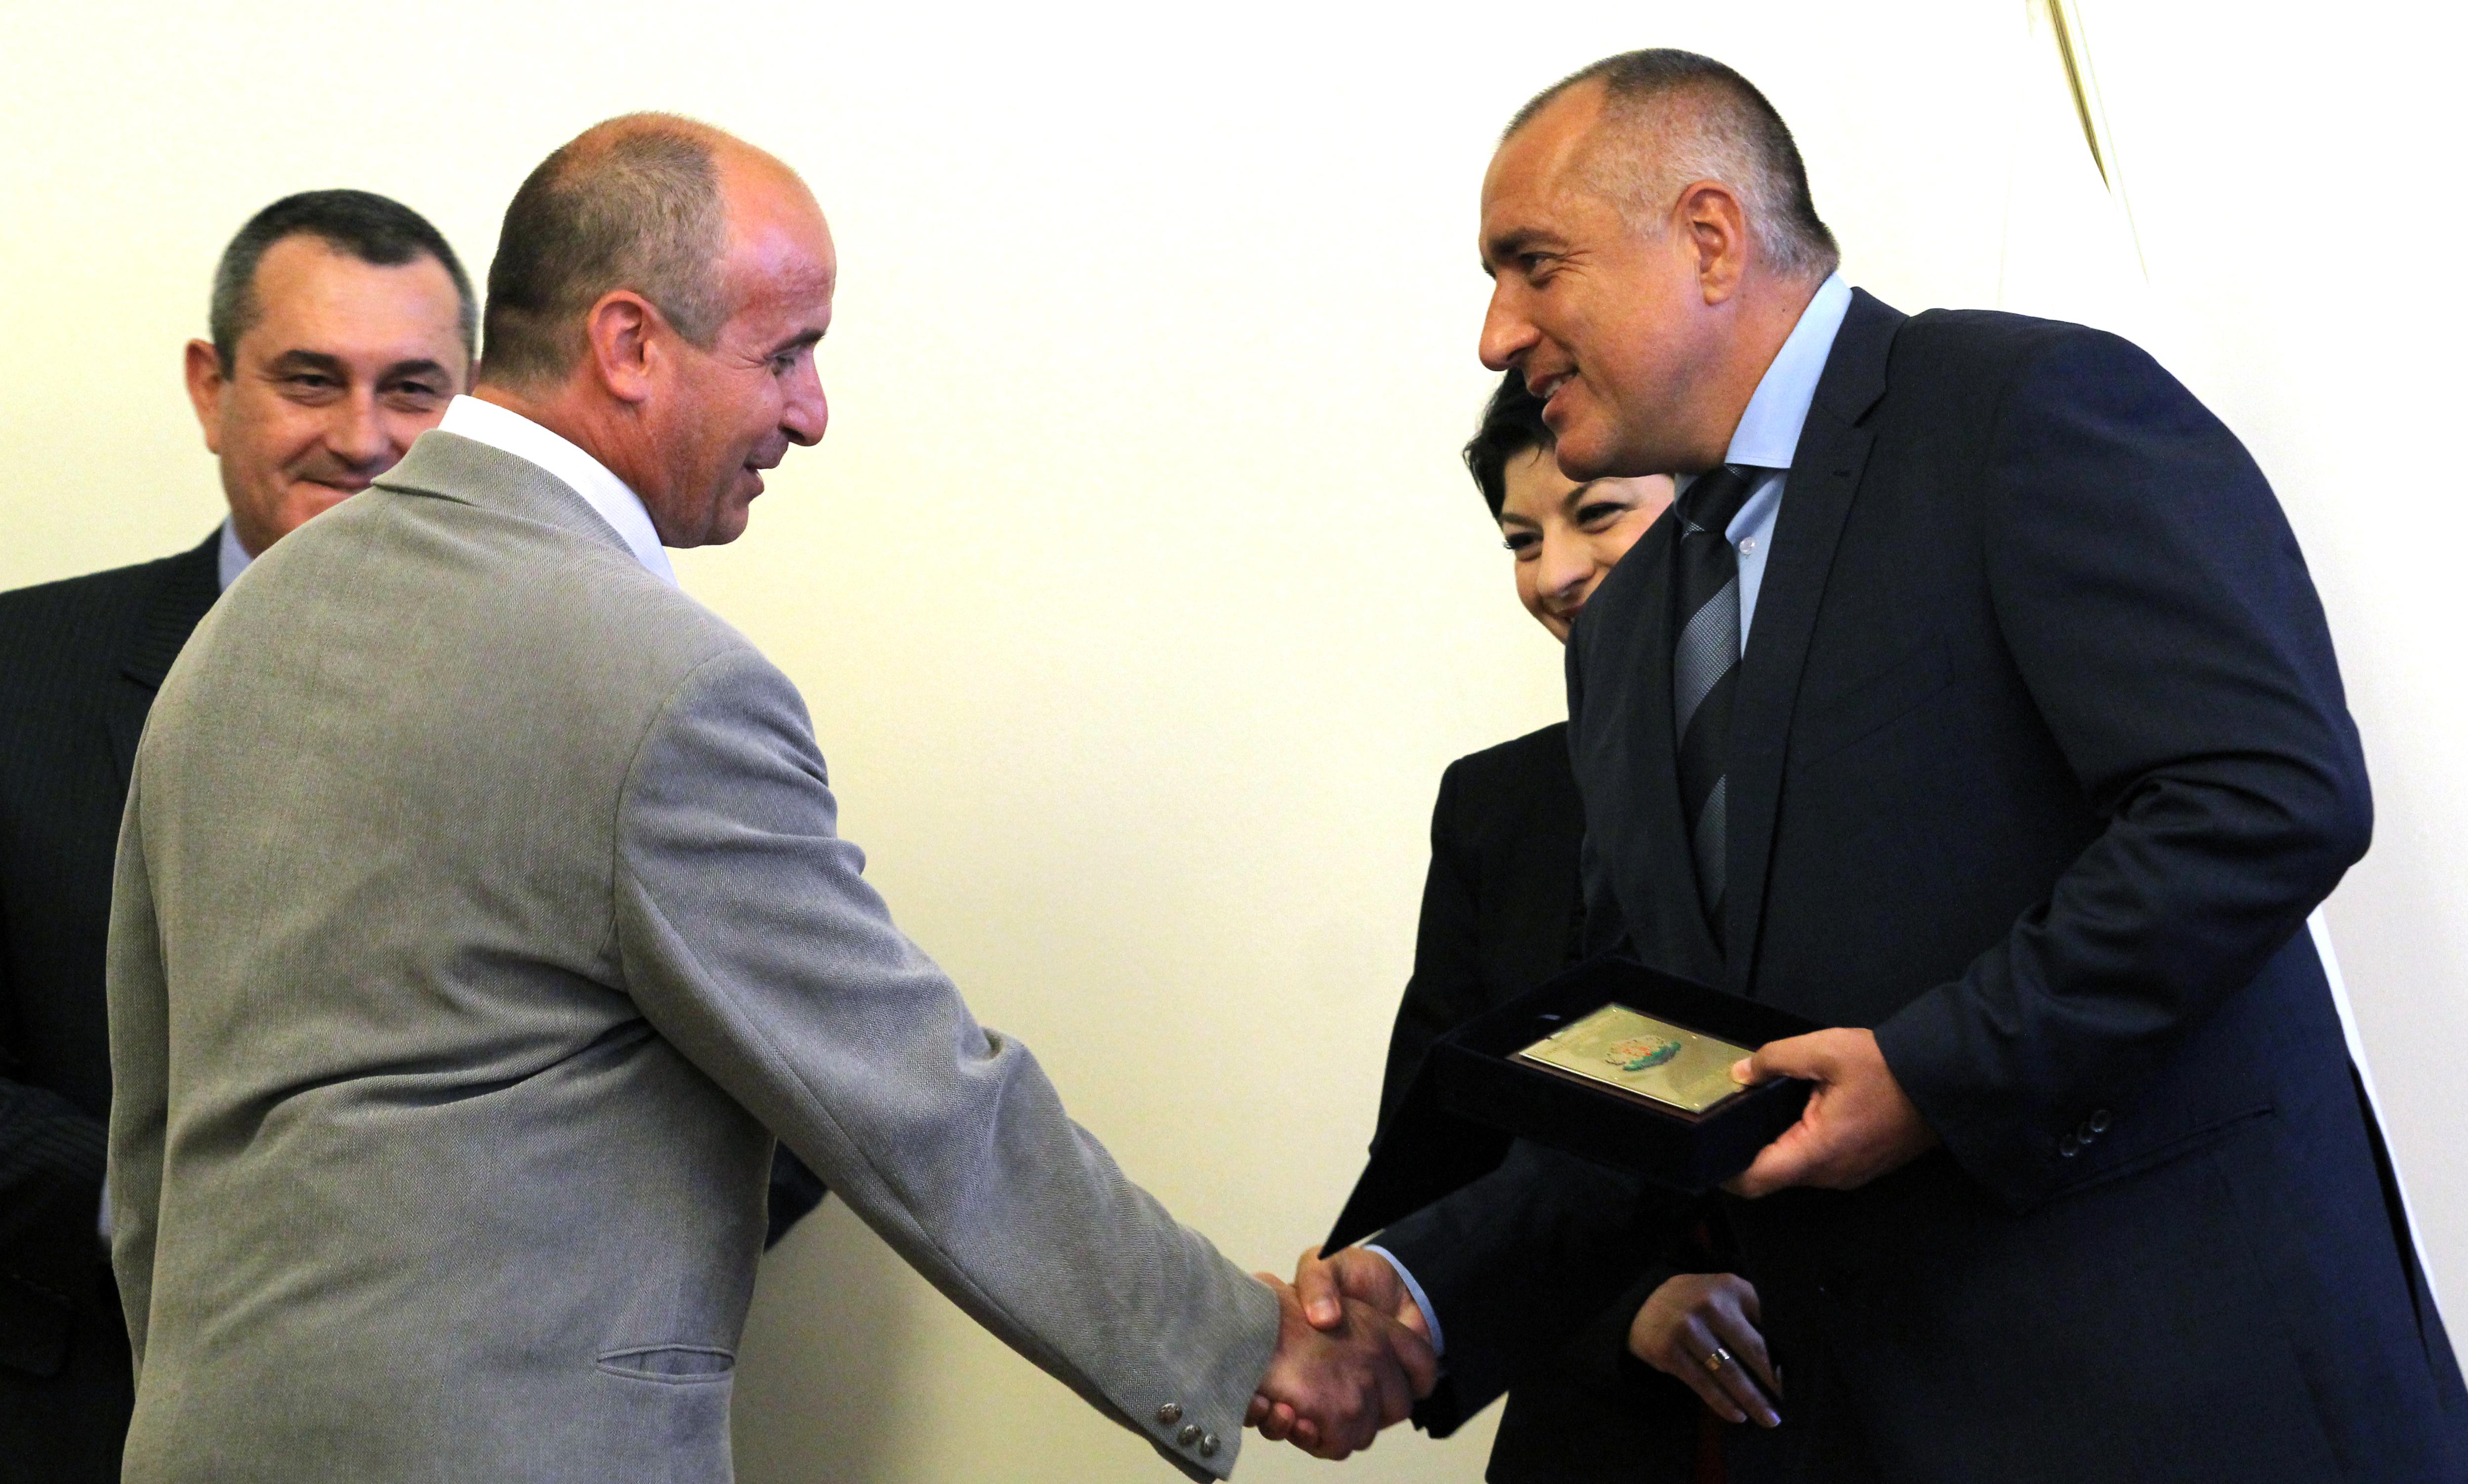 Борисов при награждаването на лекари след атентата: Къде е якият касапин